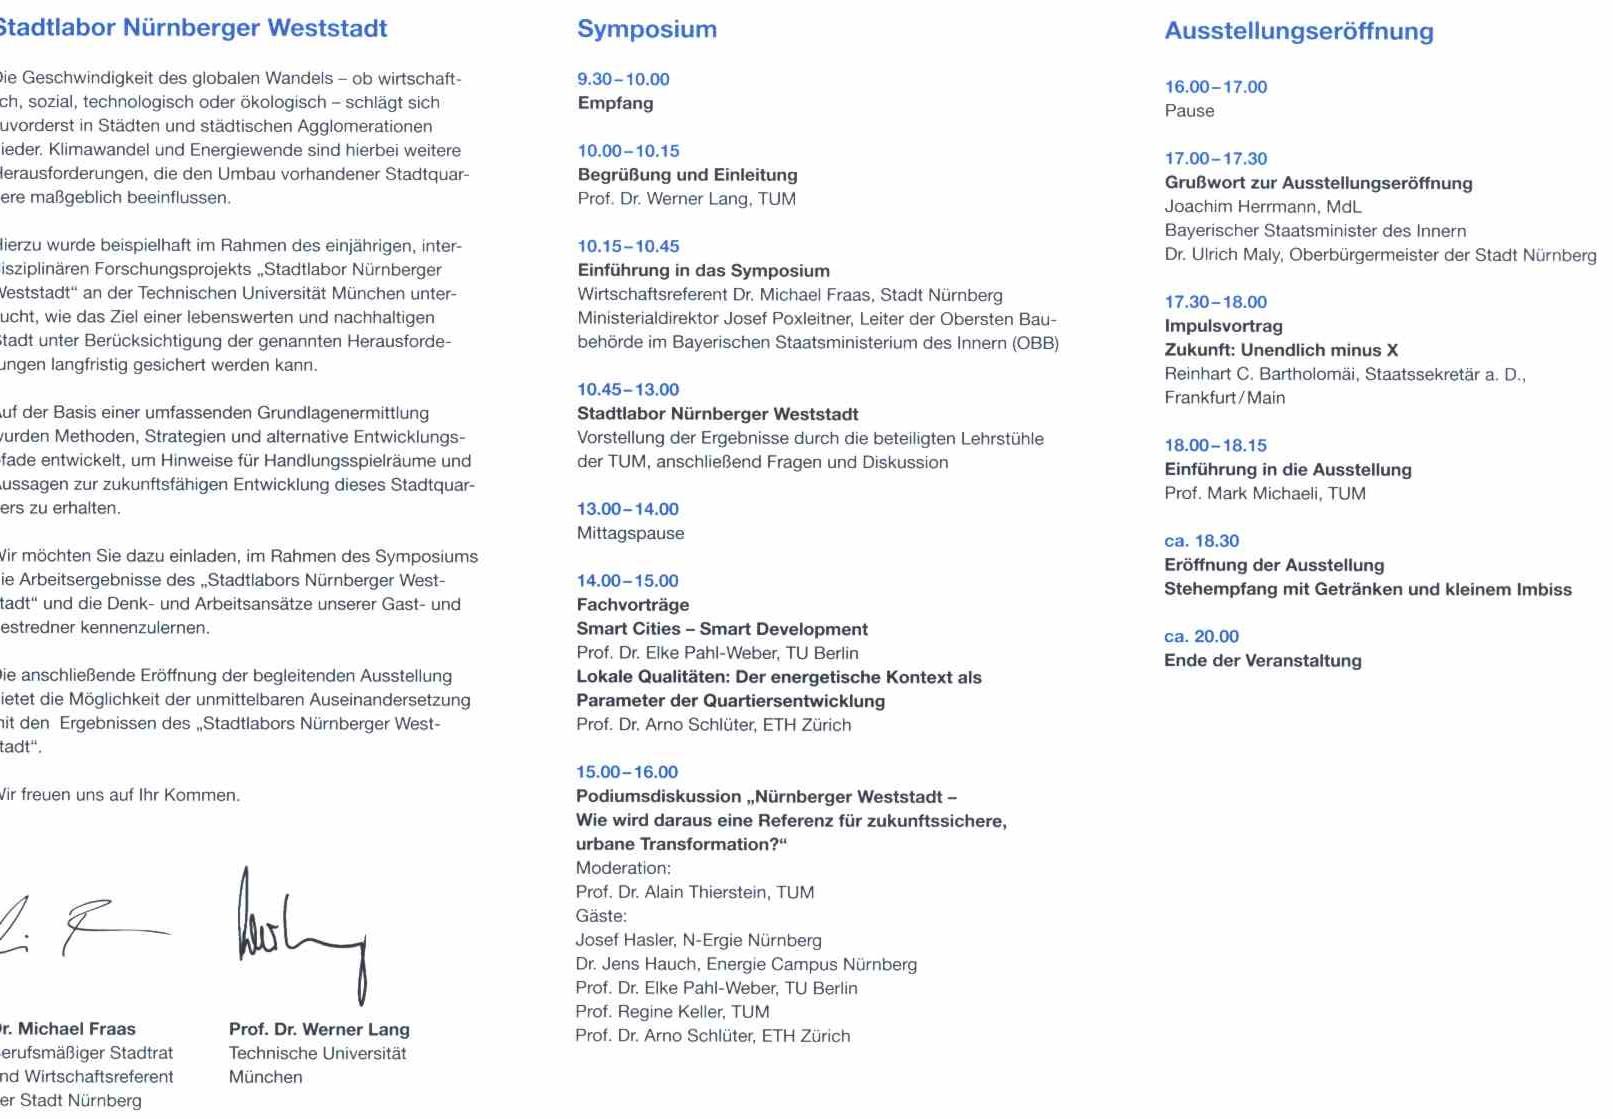 Einladung zum Symposium - Innenseite